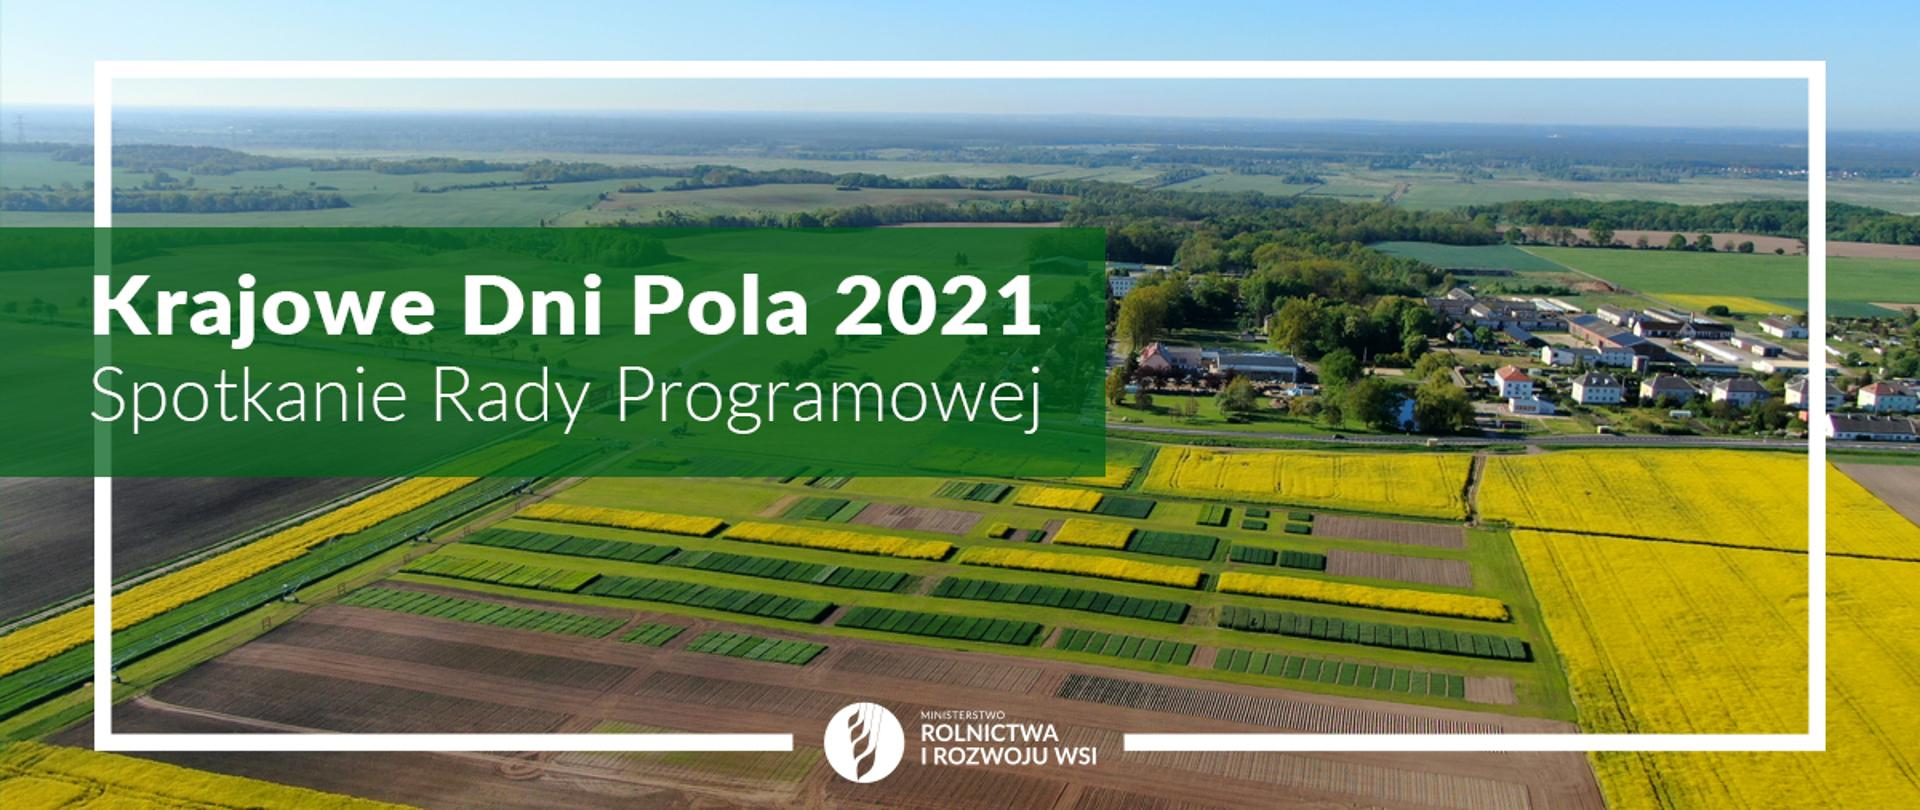 Krajowe Dni Pola 2021 – spotkanie Rady Programowej